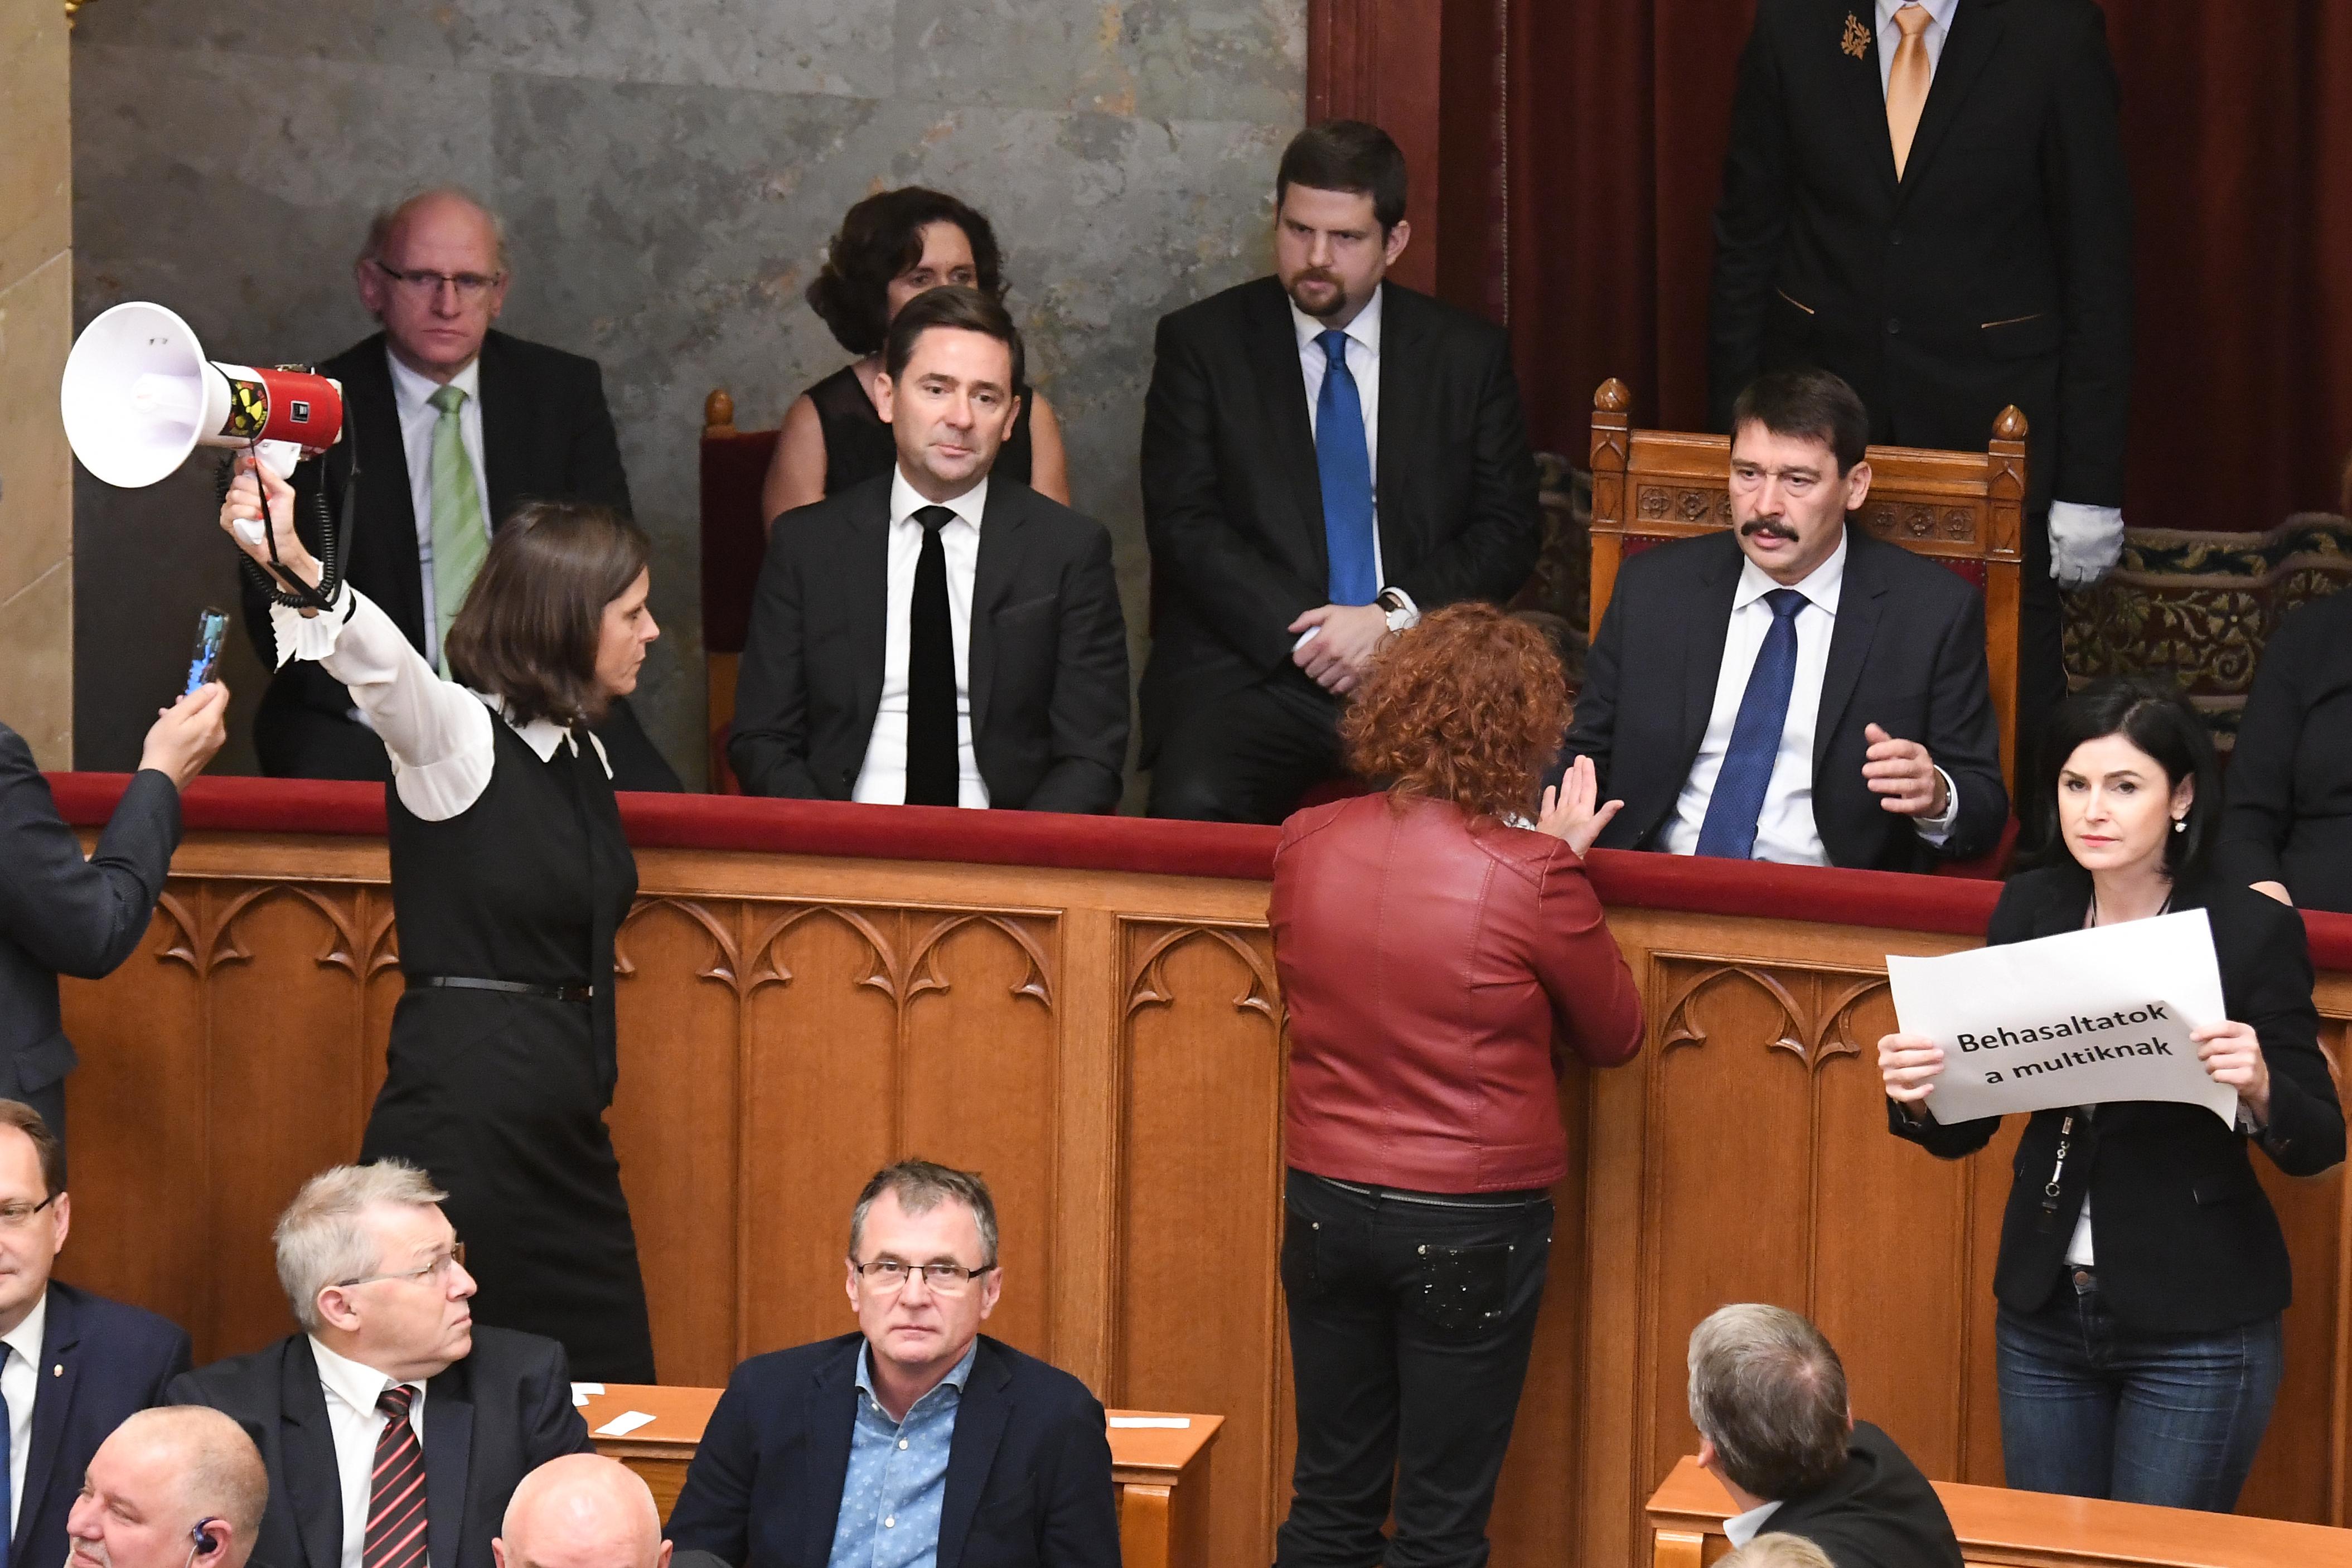 Ádernek a káoszban lezavart szavazásokkal biztos nem lesz baja, amikor aláírja a törvényeket